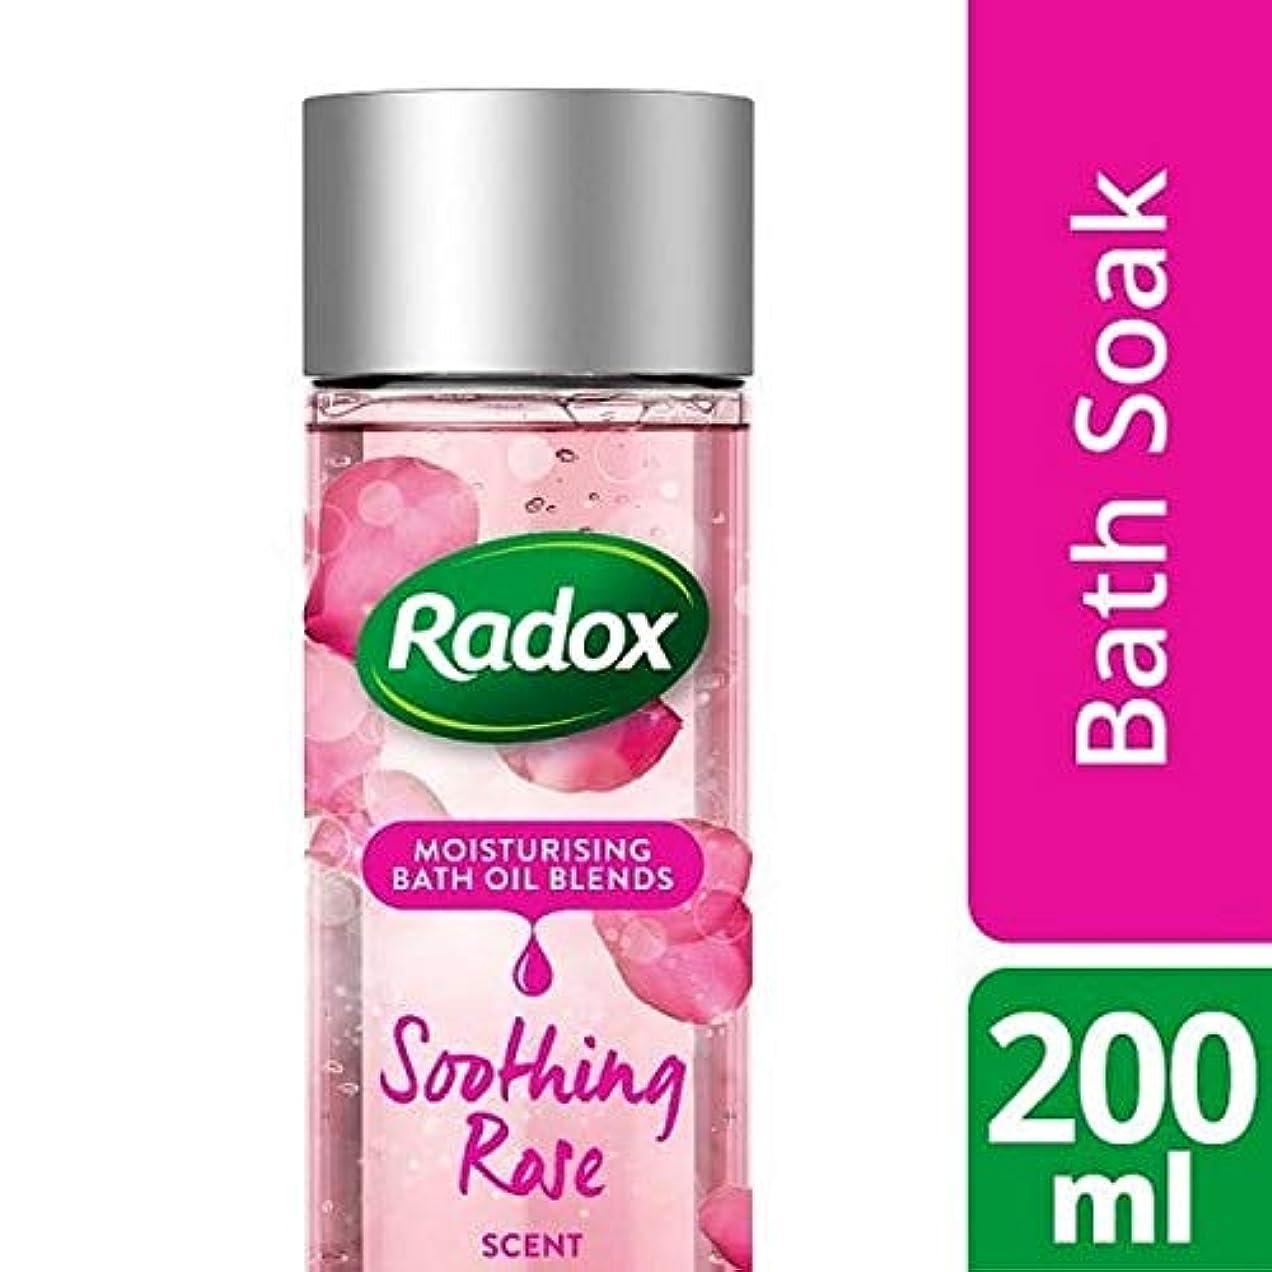 私ネックレット信頼性[Radox] Radoxバスオイルの癒しは、香り200ミリリットルをバラ - Radox Bath Oil Soothing Rose Scent 200ml [並行輸入品]